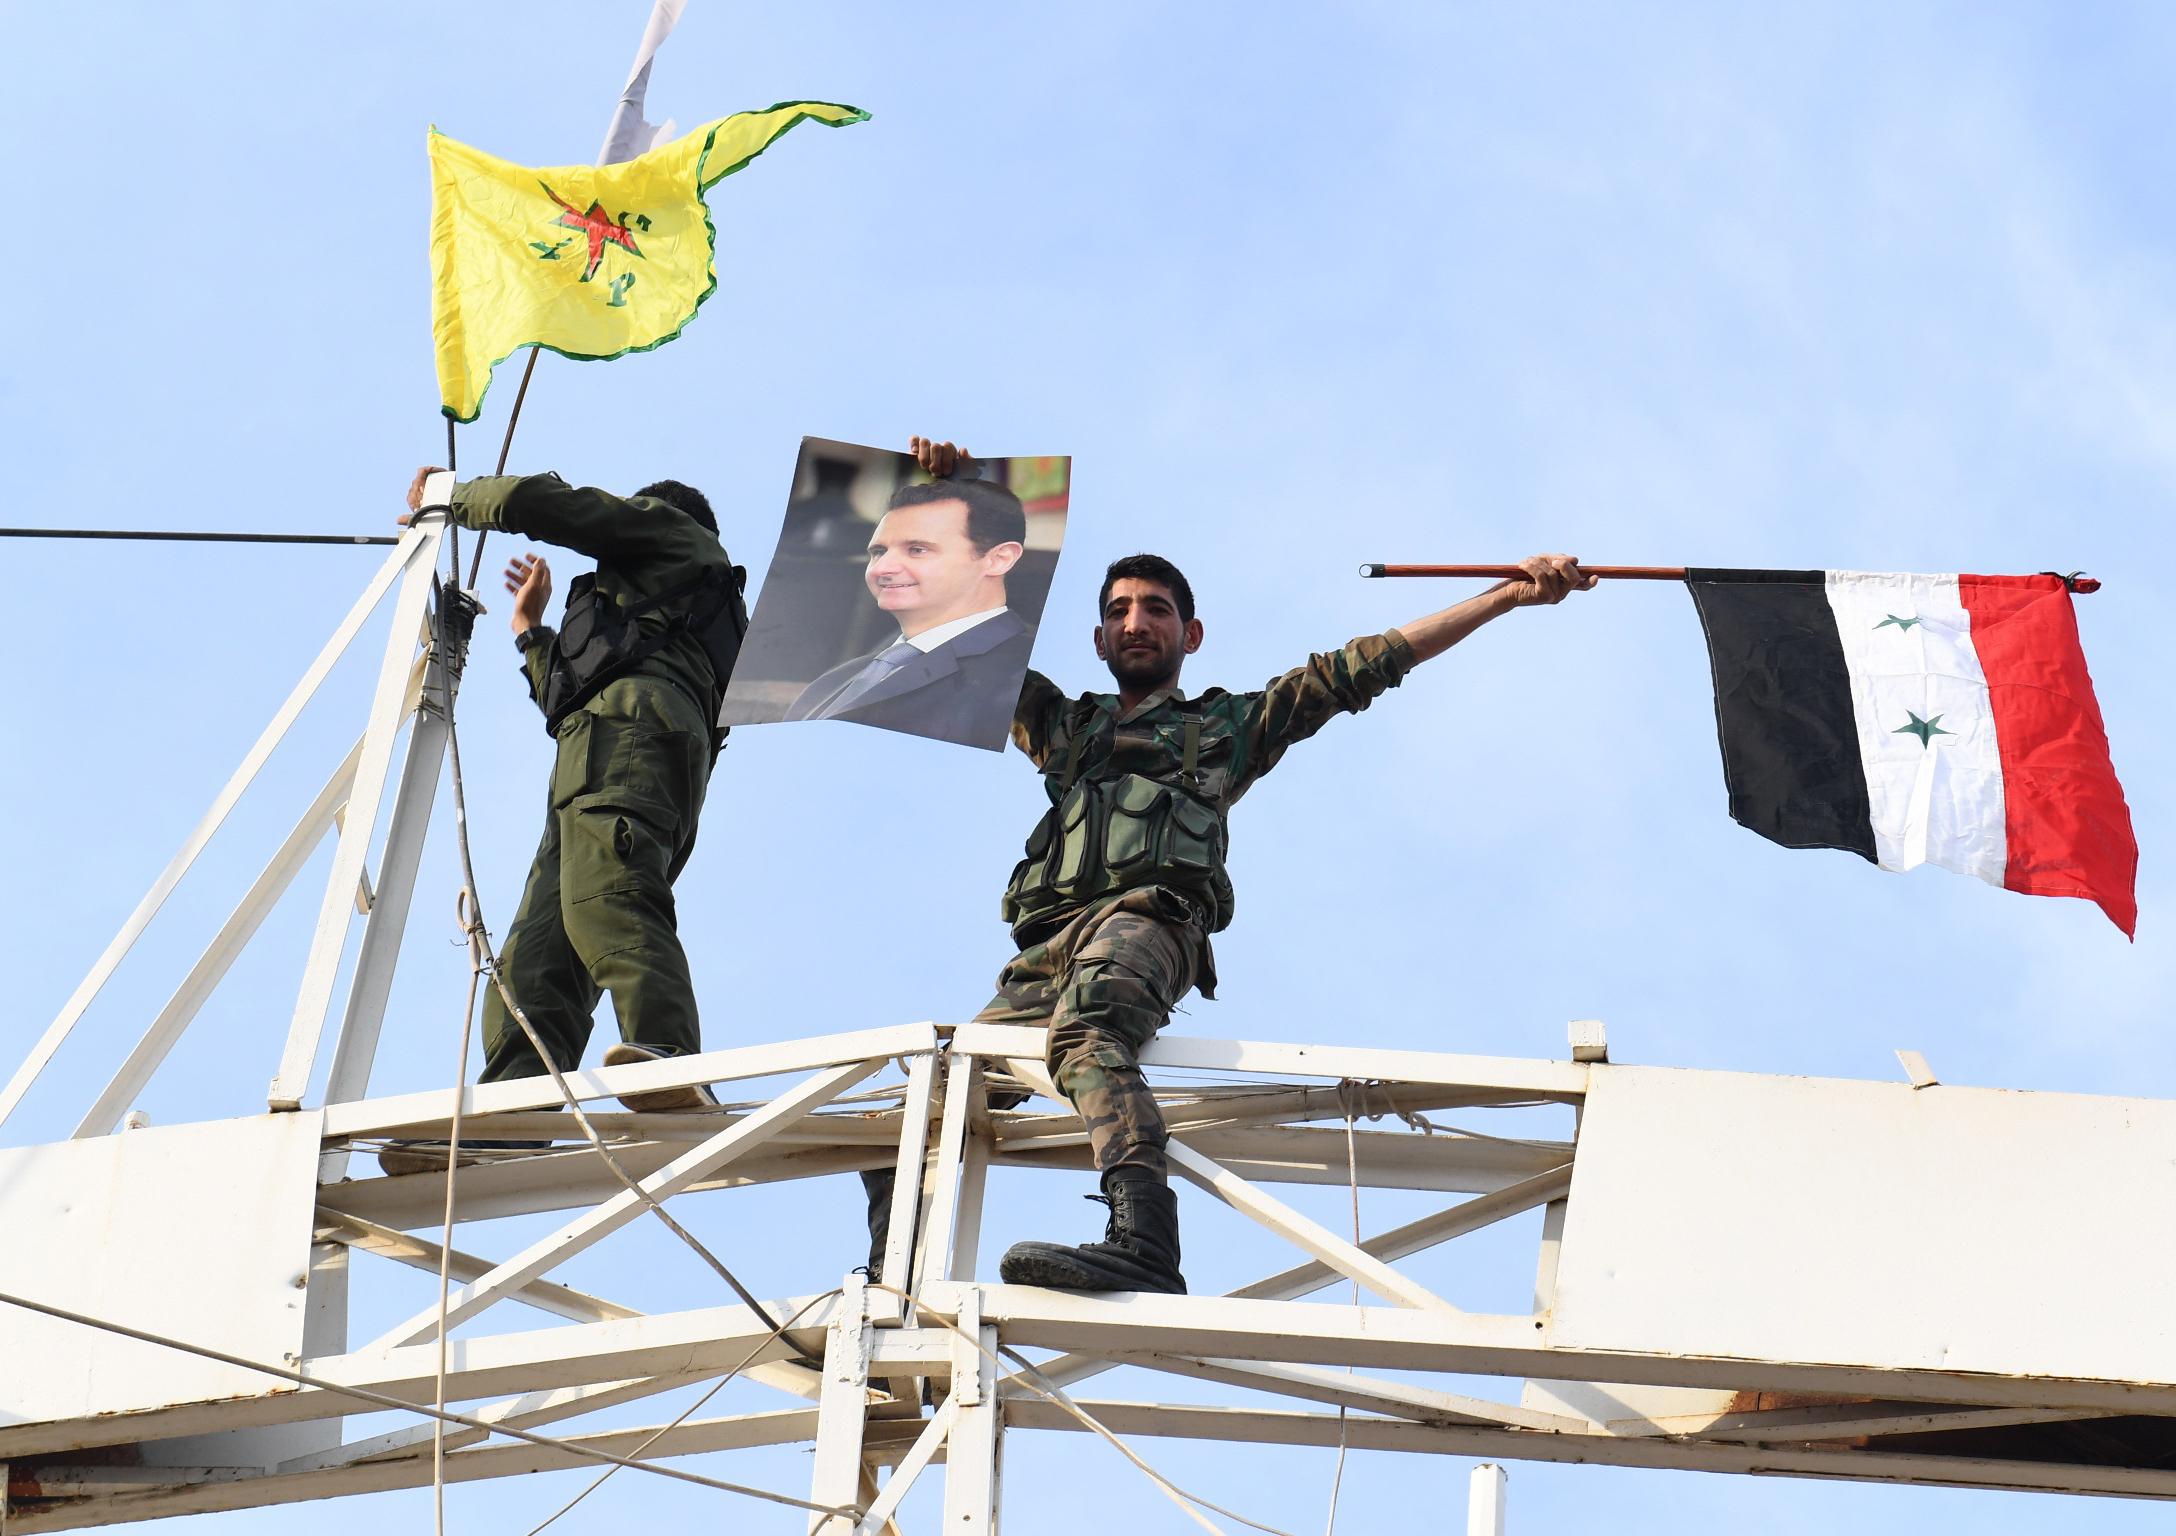 Kobanen, soldadu siriarrak beren bandera eta Assaden erretratoa erakusten YPG kurduaren bandera horiaren ondoan.